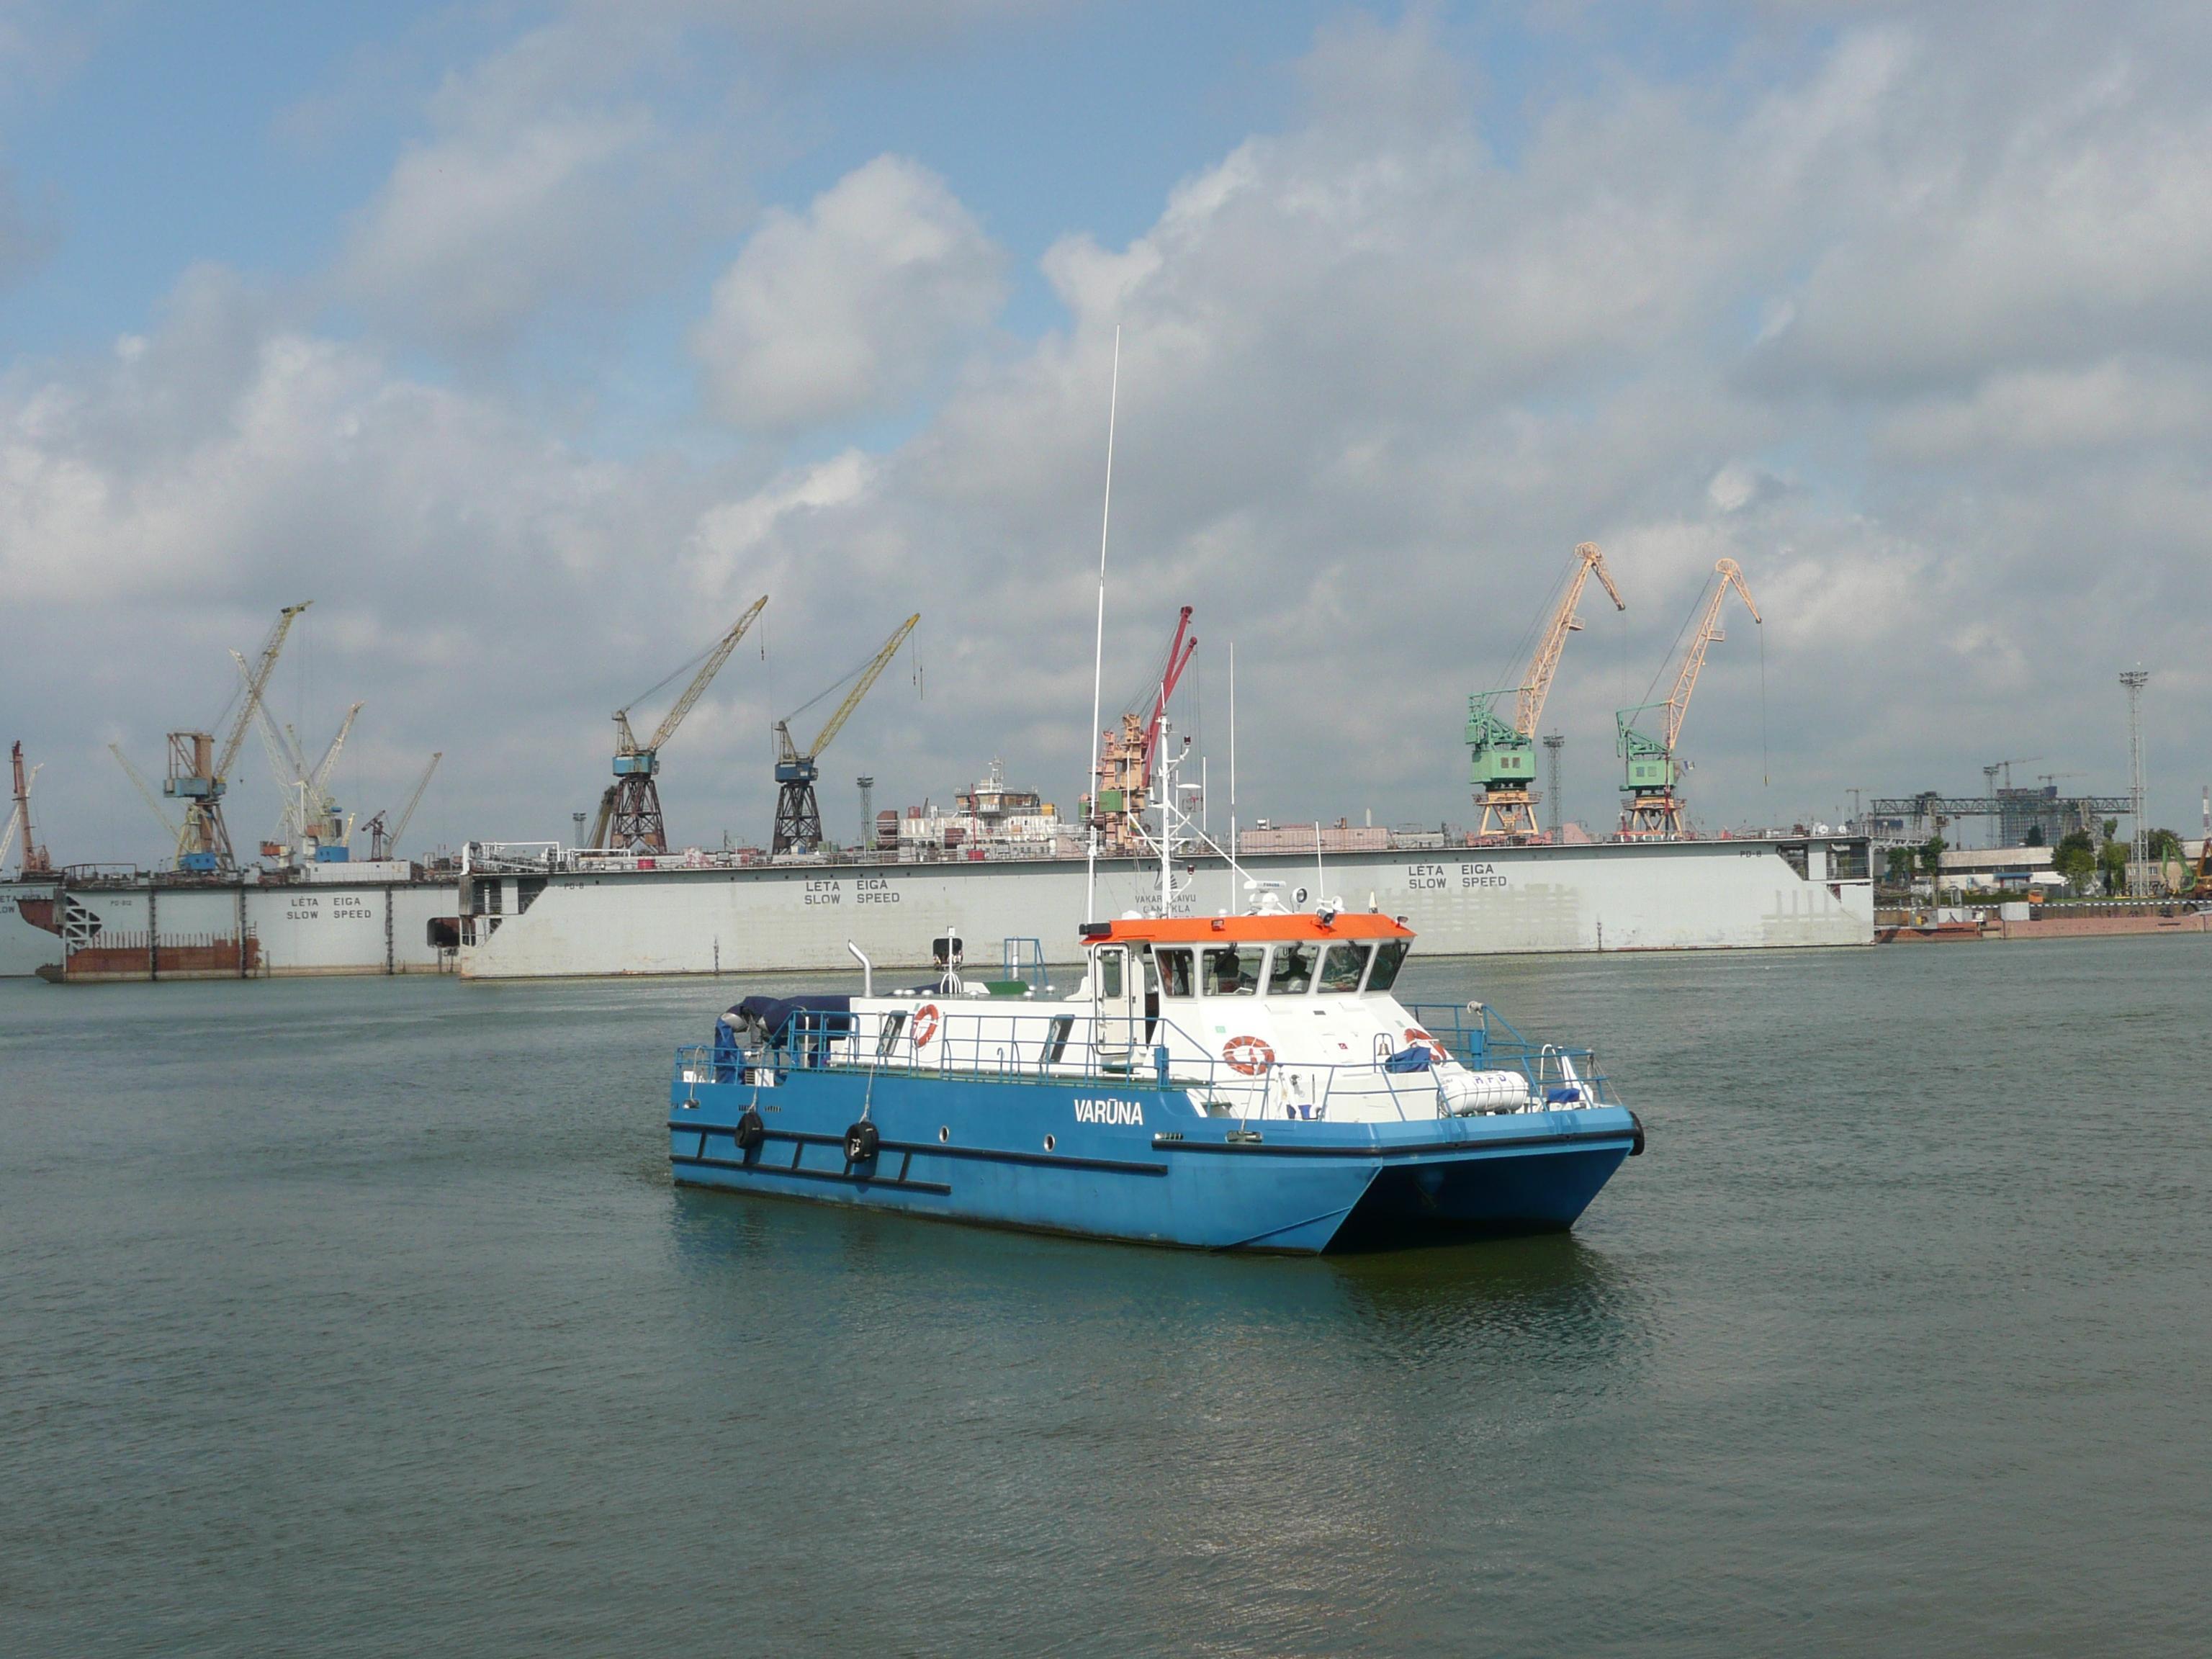 Инвестиции в порт могут обернуться многомиллионными потерями